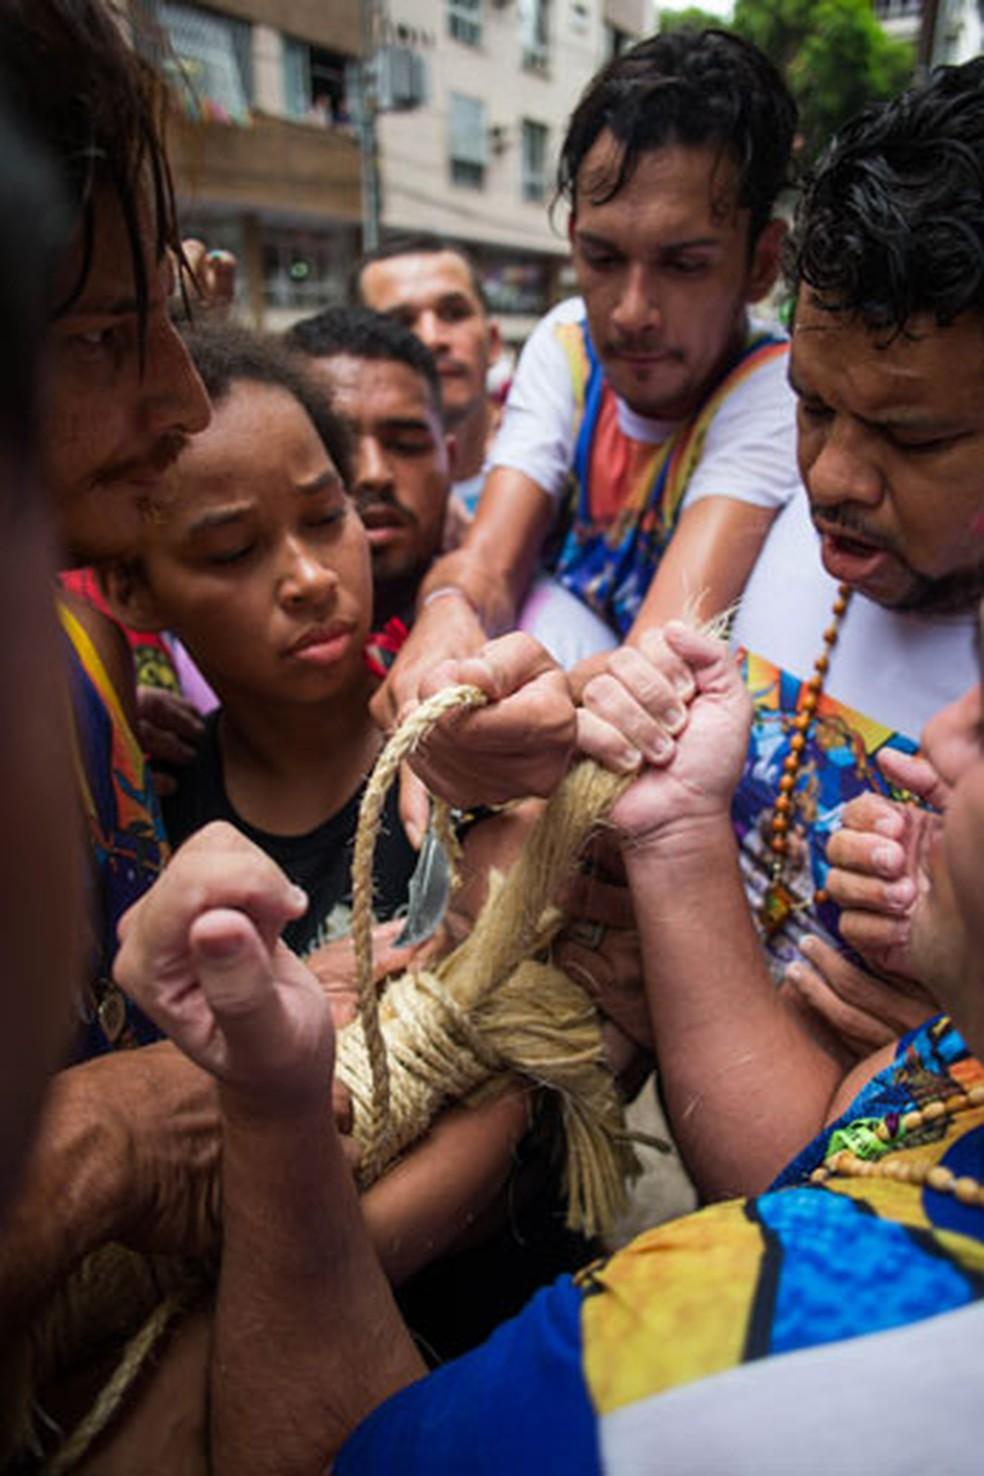 Fiéis durante a procissão de domingo do Círio de Nazaré — Foto: Tiago Queiroz/Estadão Conteúdo